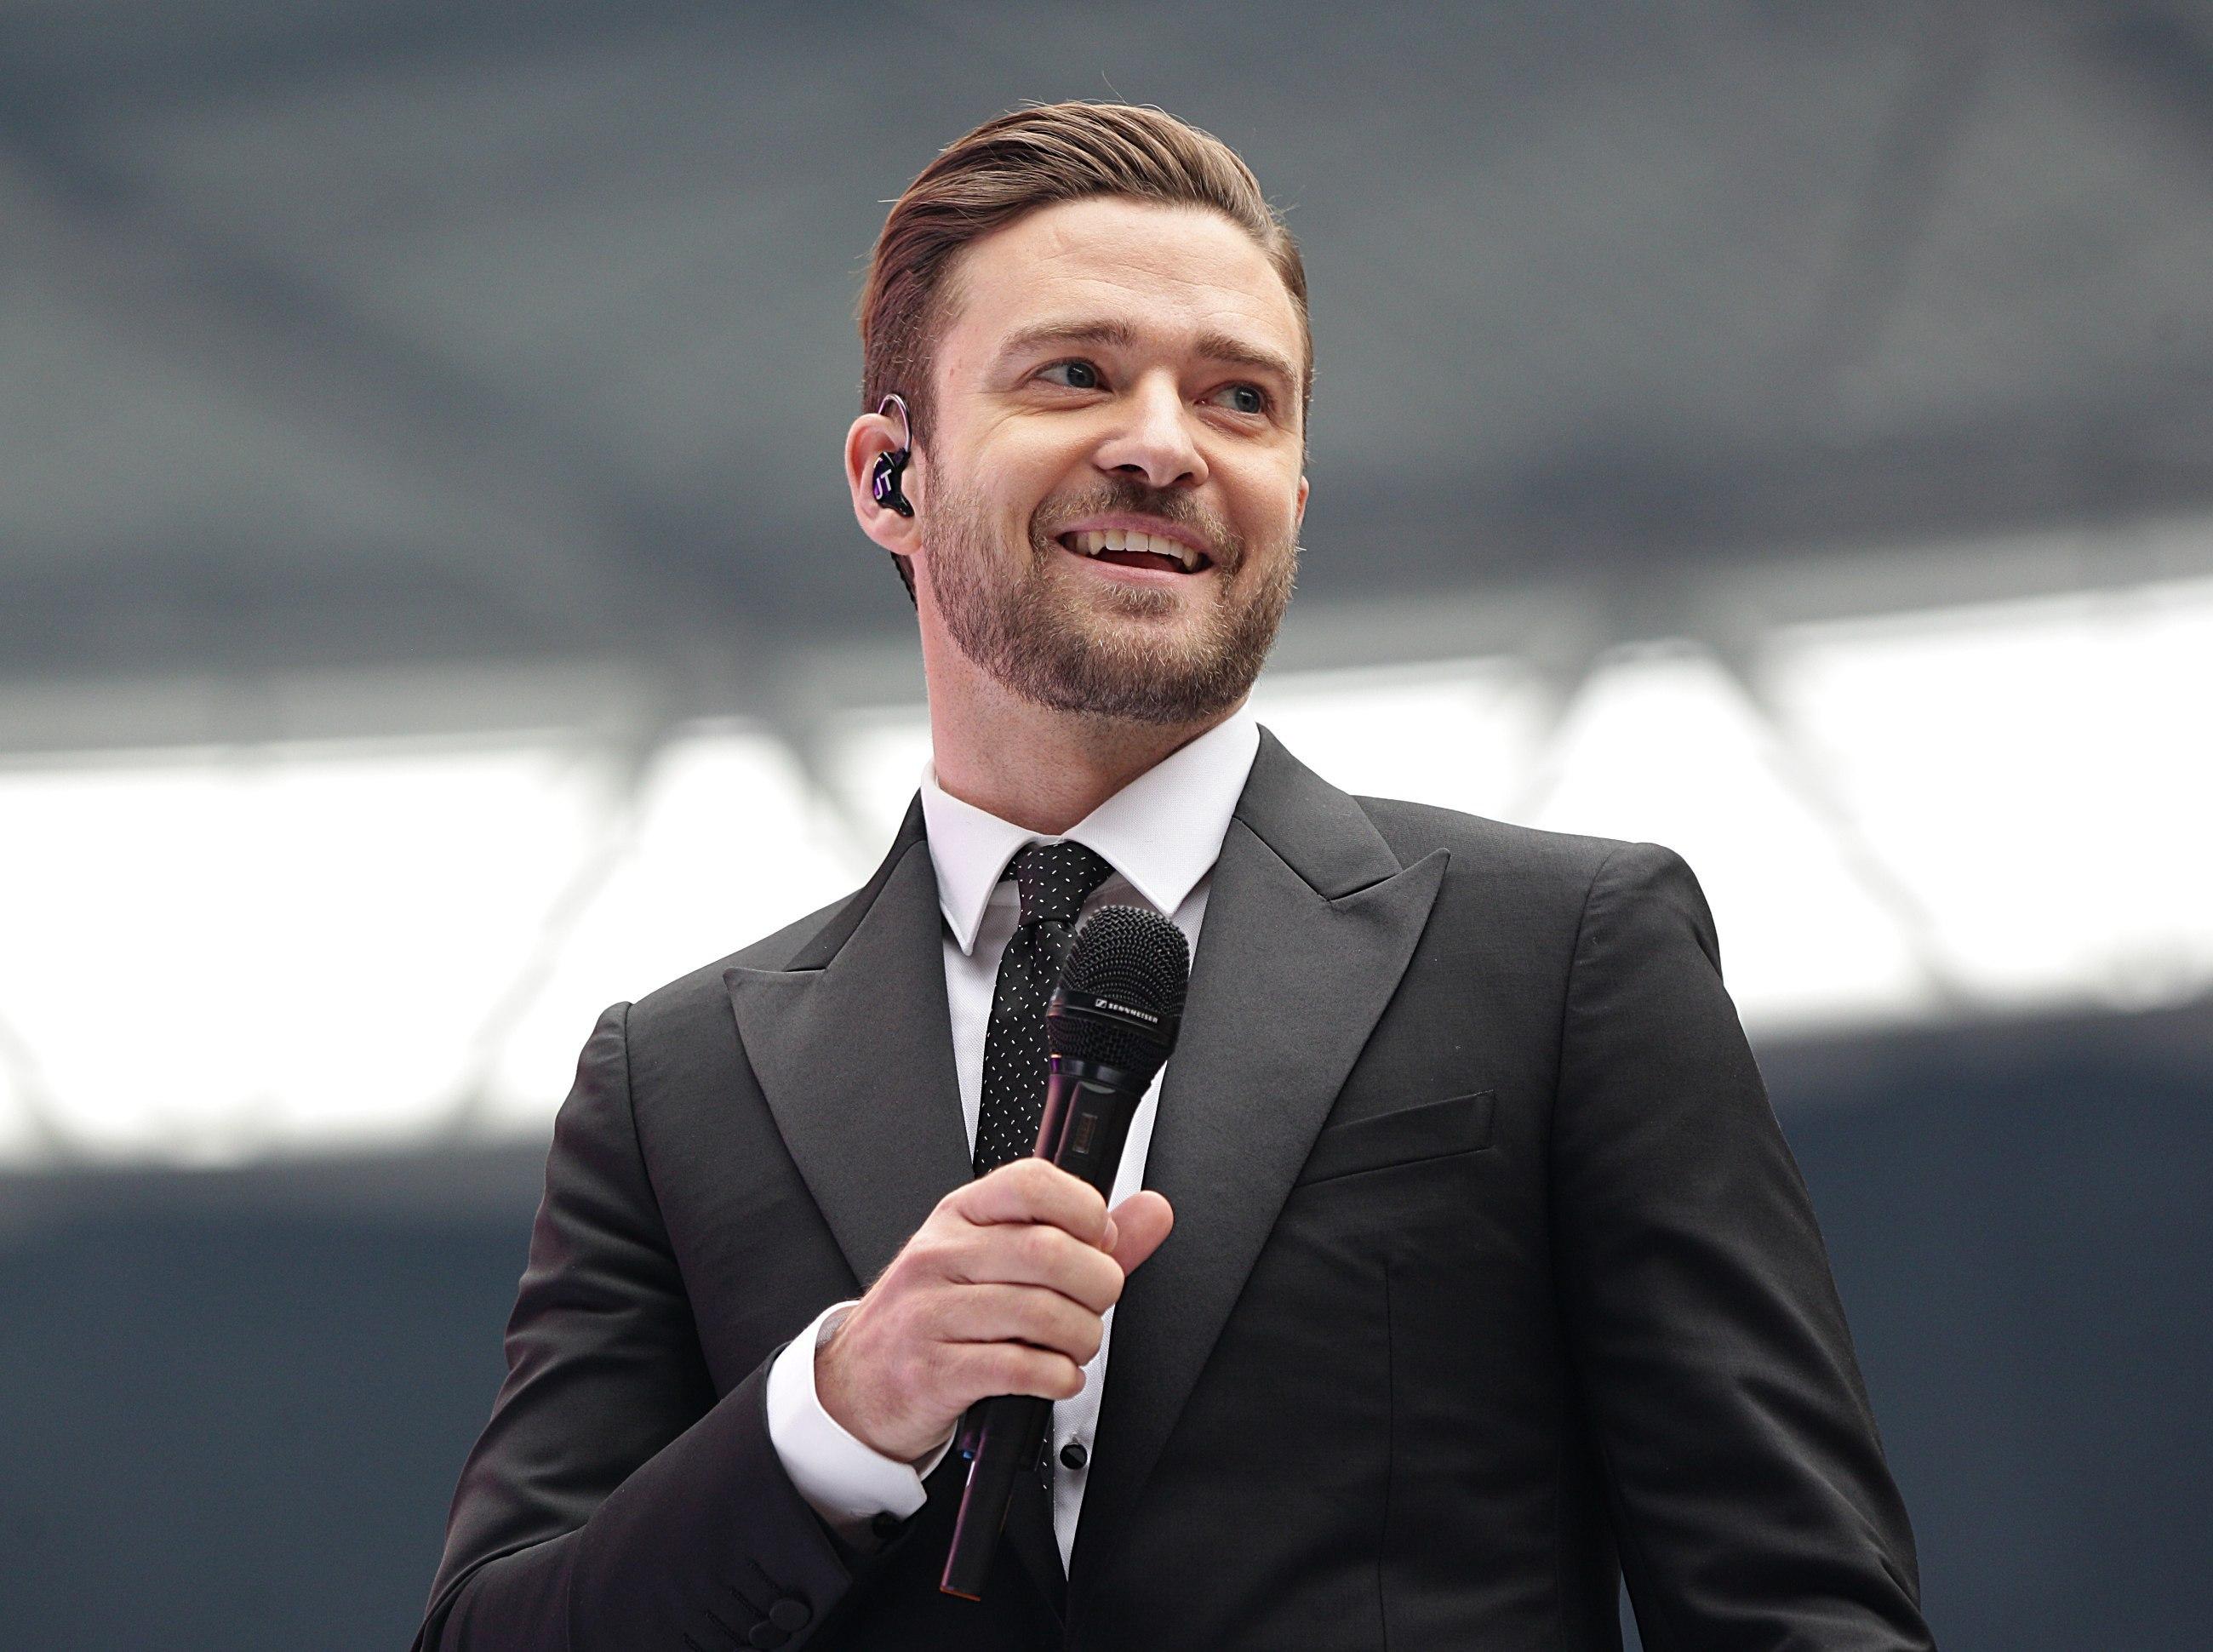 Justin Timberlake in 2... Justin Timberlake